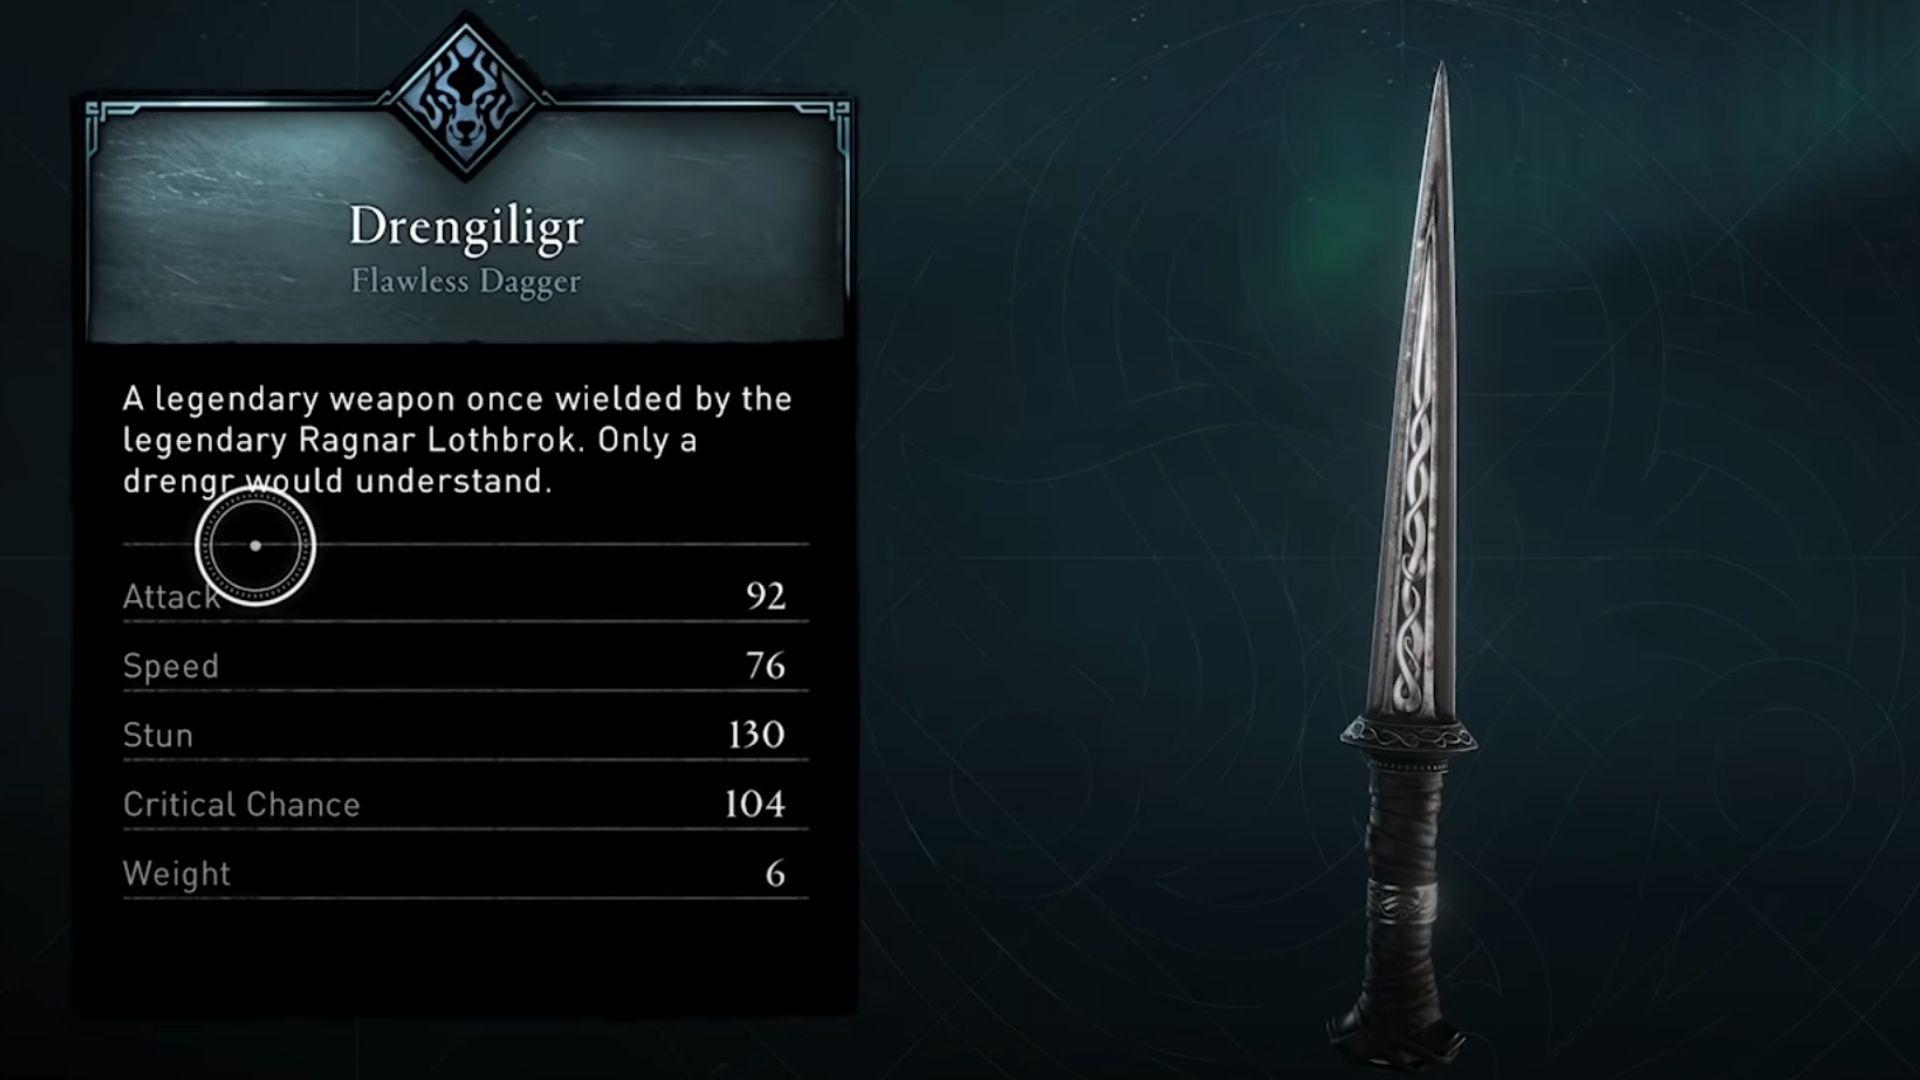 Drengiligr dagger